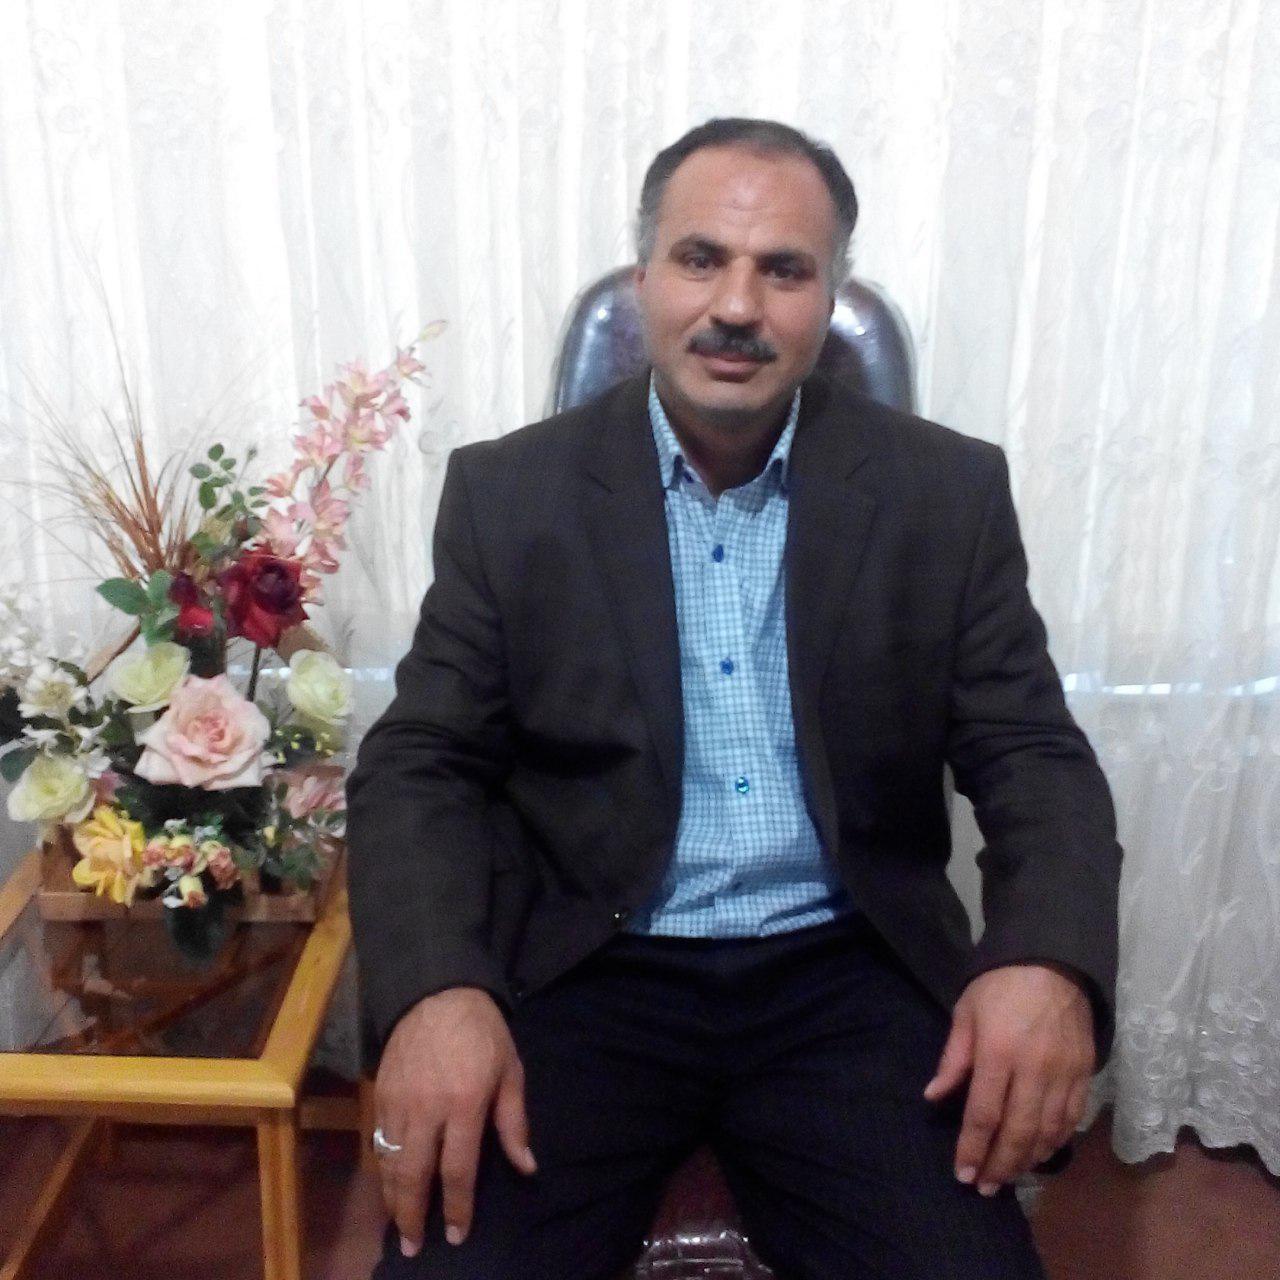 برادر جانباز احد علی زاده - میاب